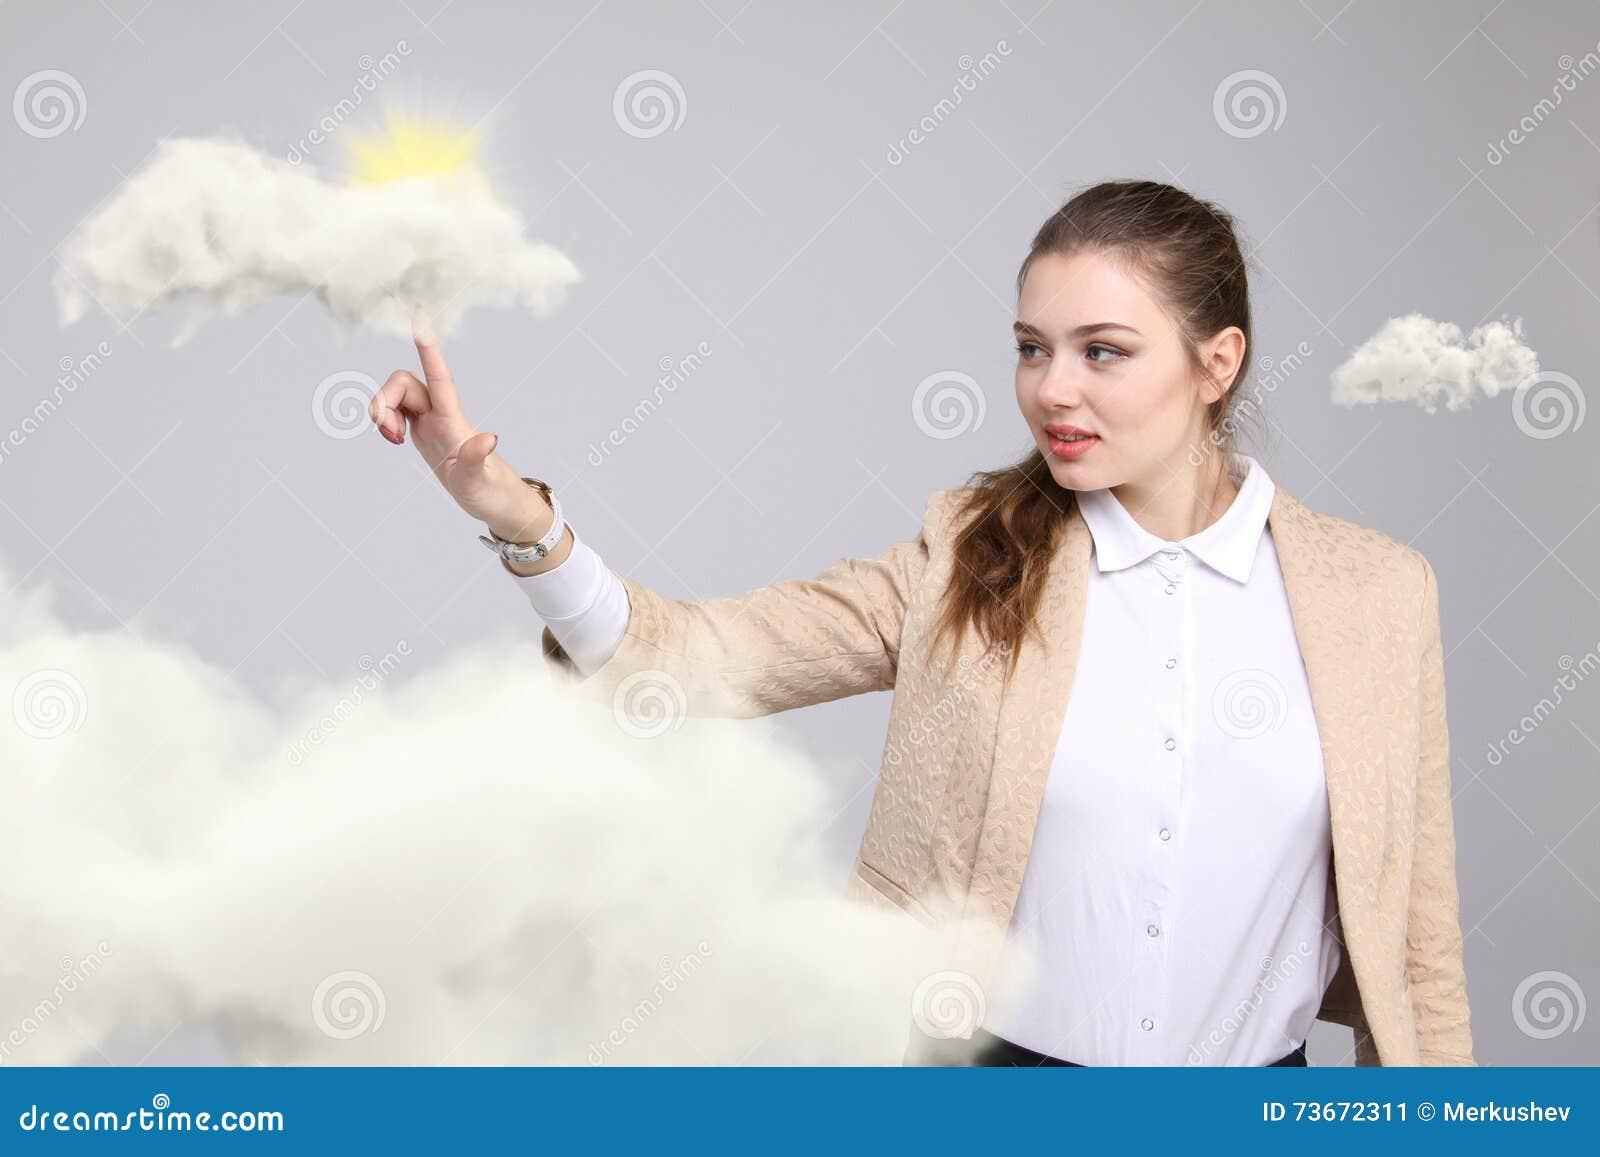 Jonge vrouw en zon die uit van achter de de wolken, wolk gegevensverwerking of het weerconcept glanzen